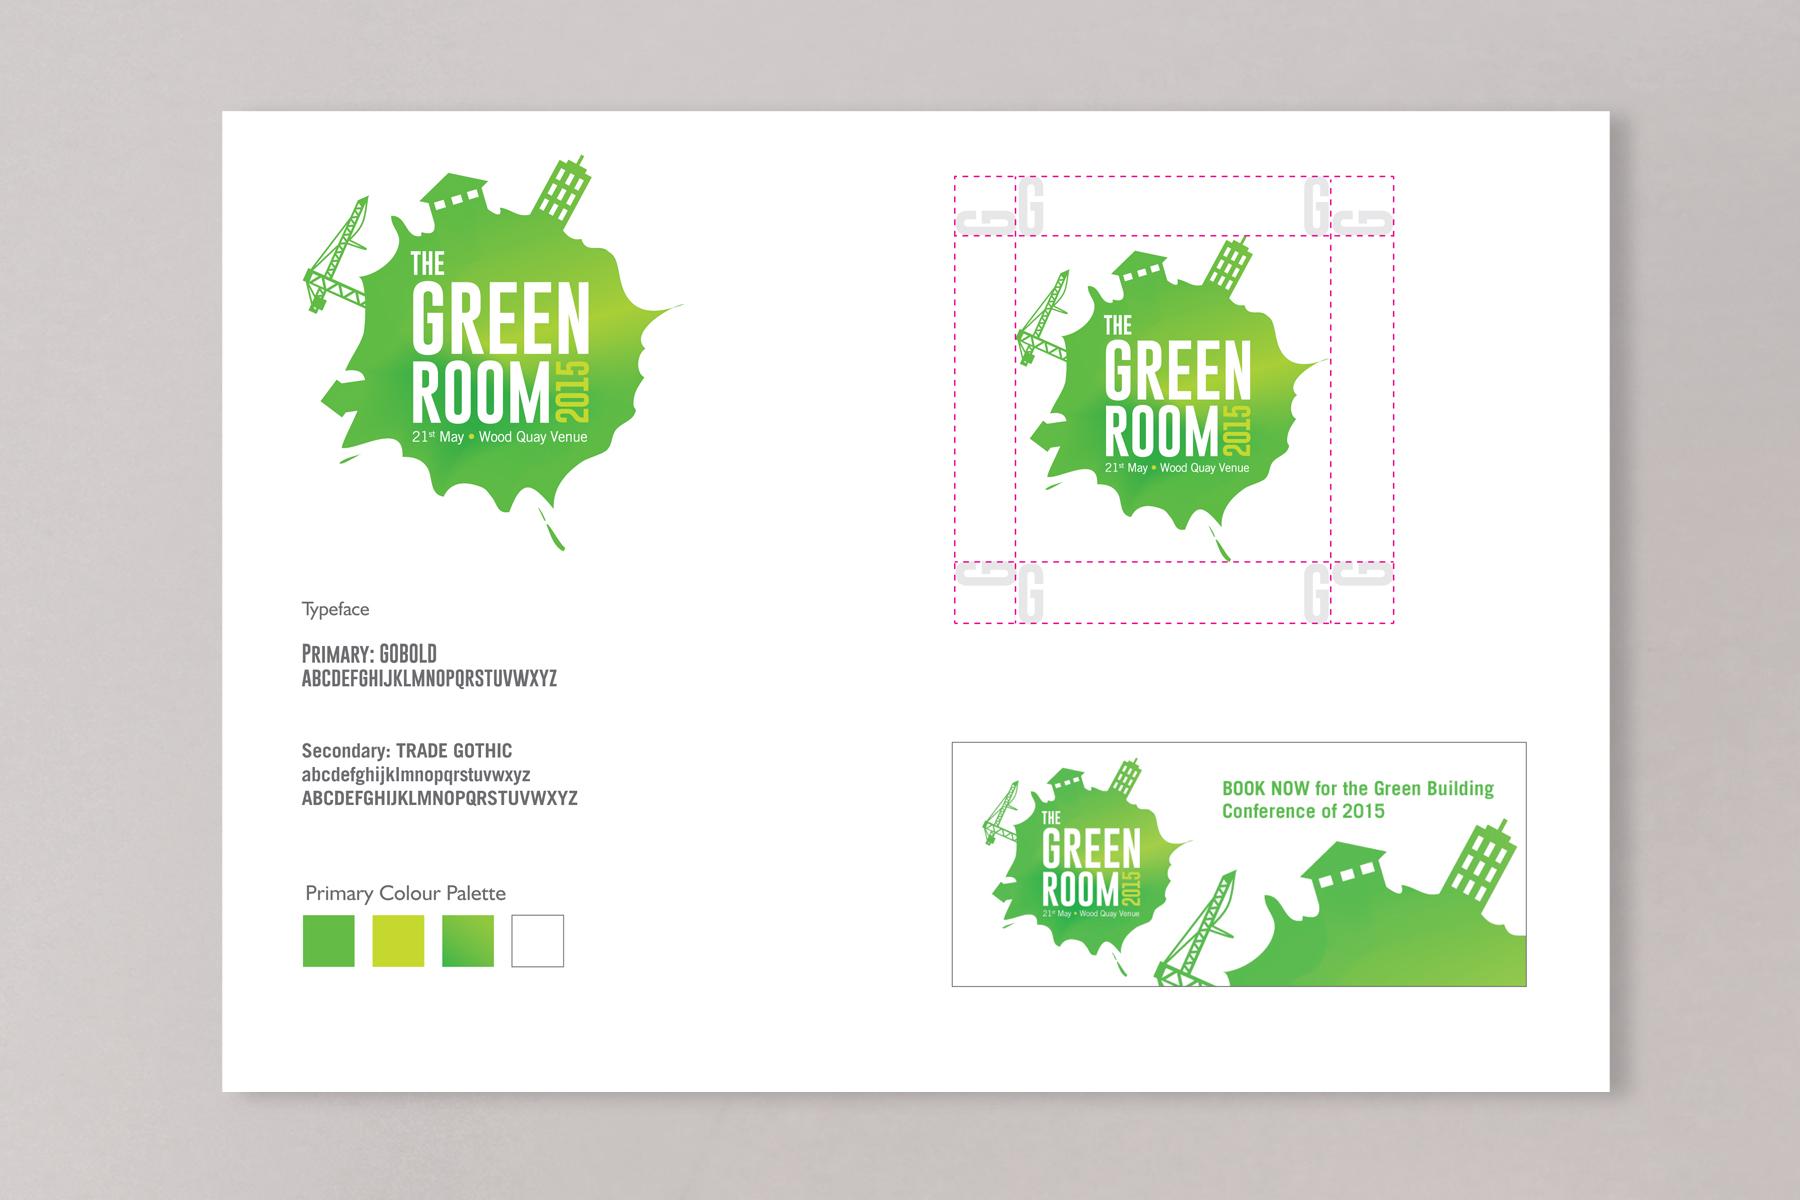 Green-Rooms-guidelines.jpg